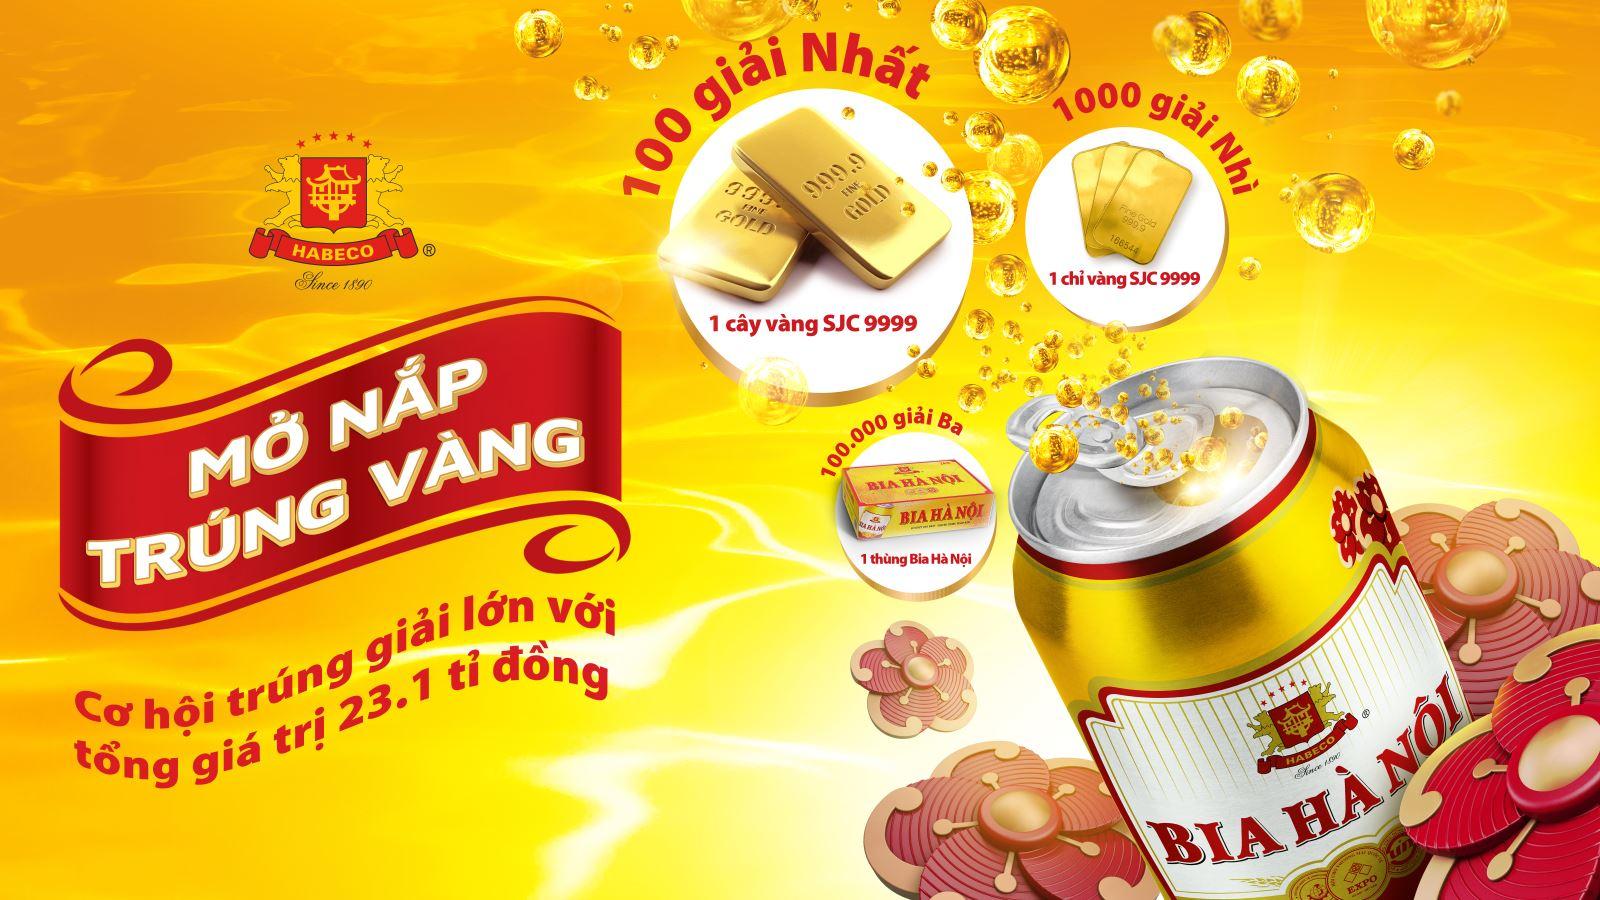 Trong thời gian này, đông đảo người tiêu dùng (từ đủ 18 tuổi trở lên) mến mộ Bia Hà Nội khi mua và giật nắp sản phẩm Bia lon Hà Nội Tết ...